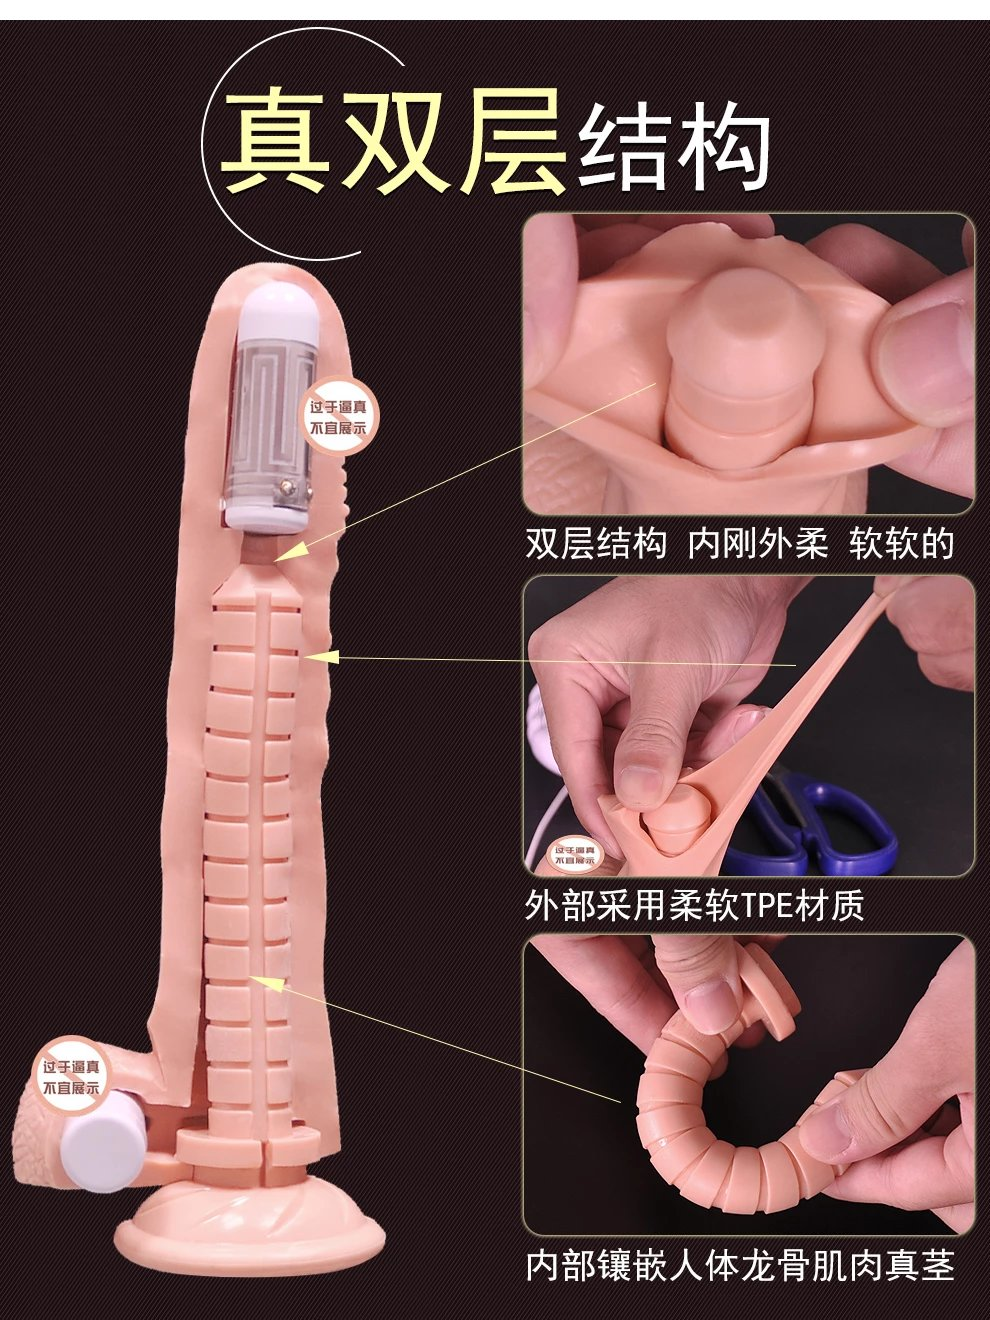 肌肉真茎震动加温龙骨阳具